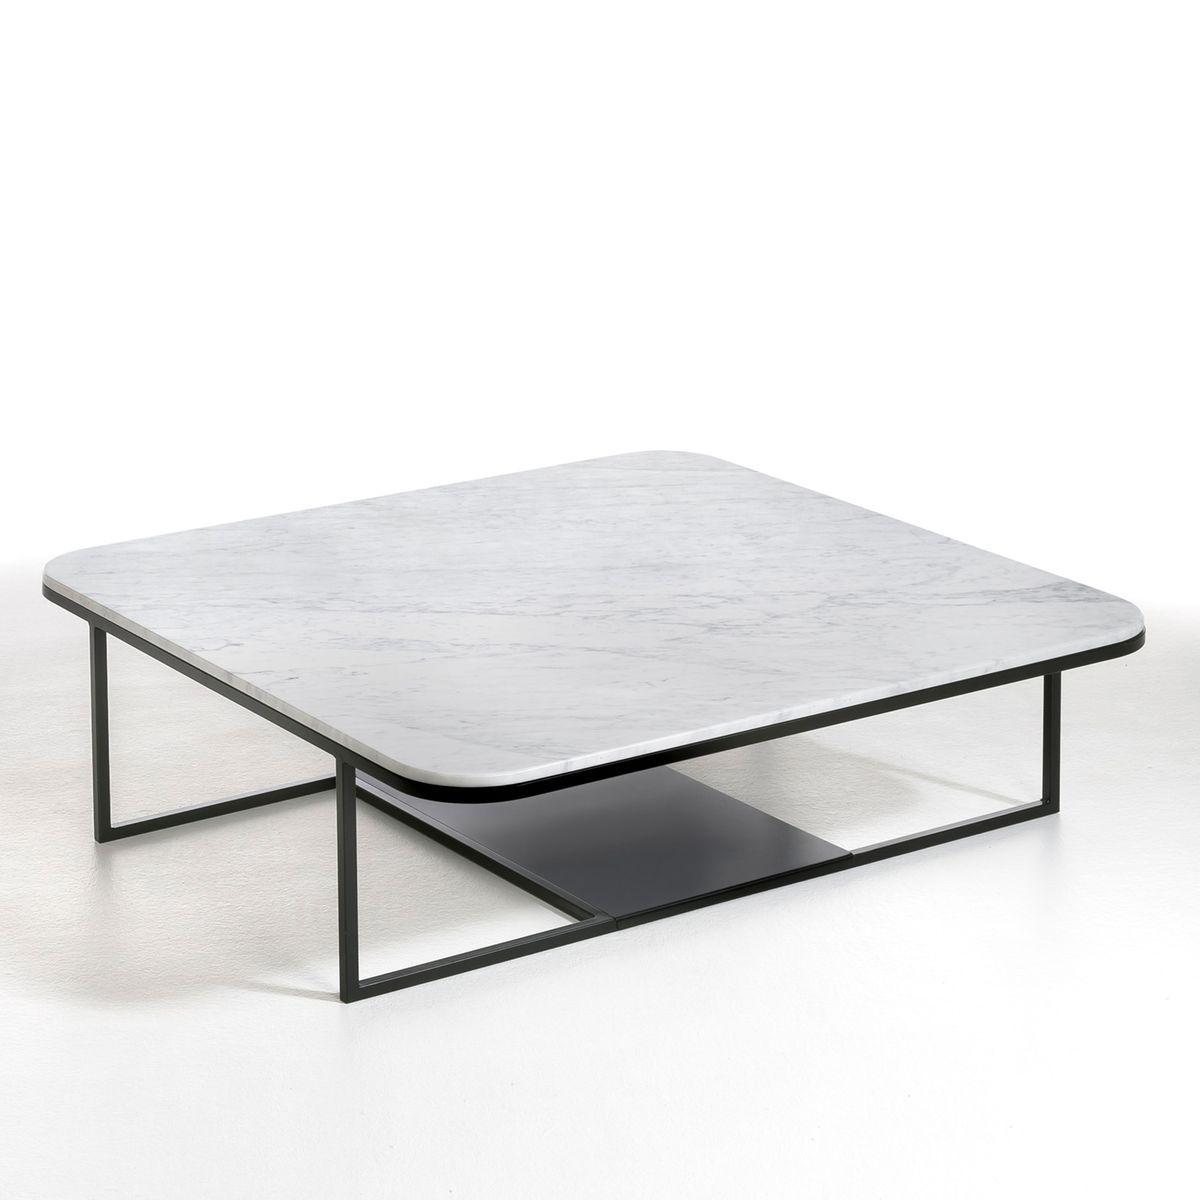 table basse marbre noir affordable table basse marbre design maison design with table basse. Black Bedroom Furniture Sets. Home Design Ideas